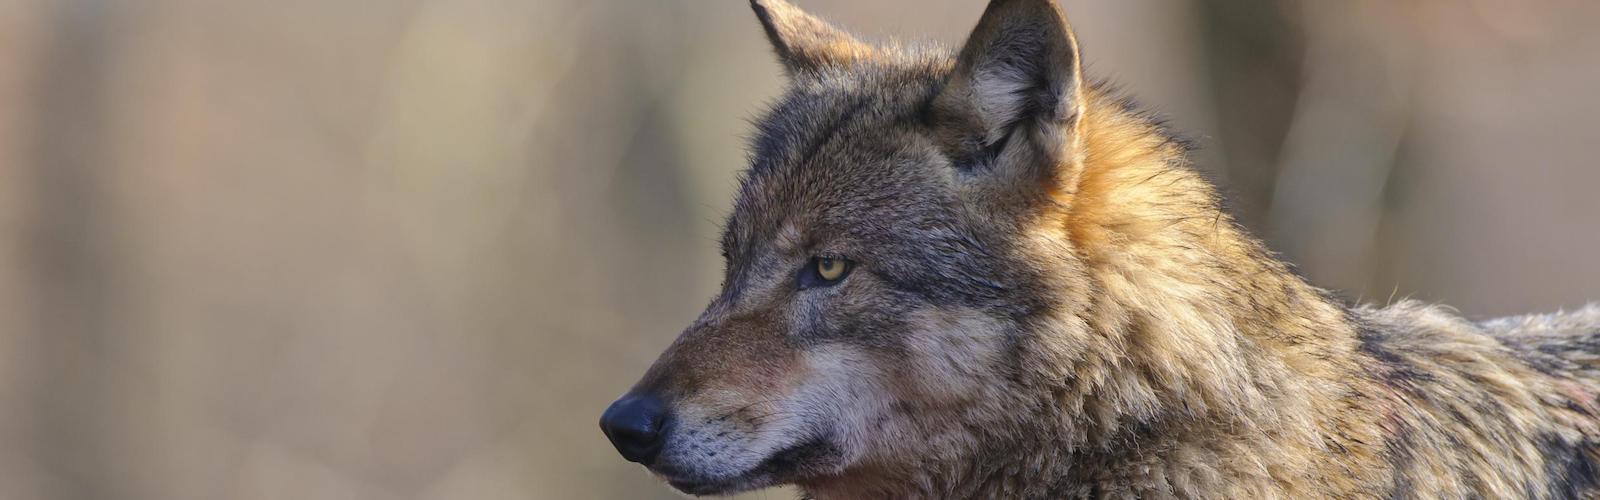 Wolfsjagd als Managementmaßnahme